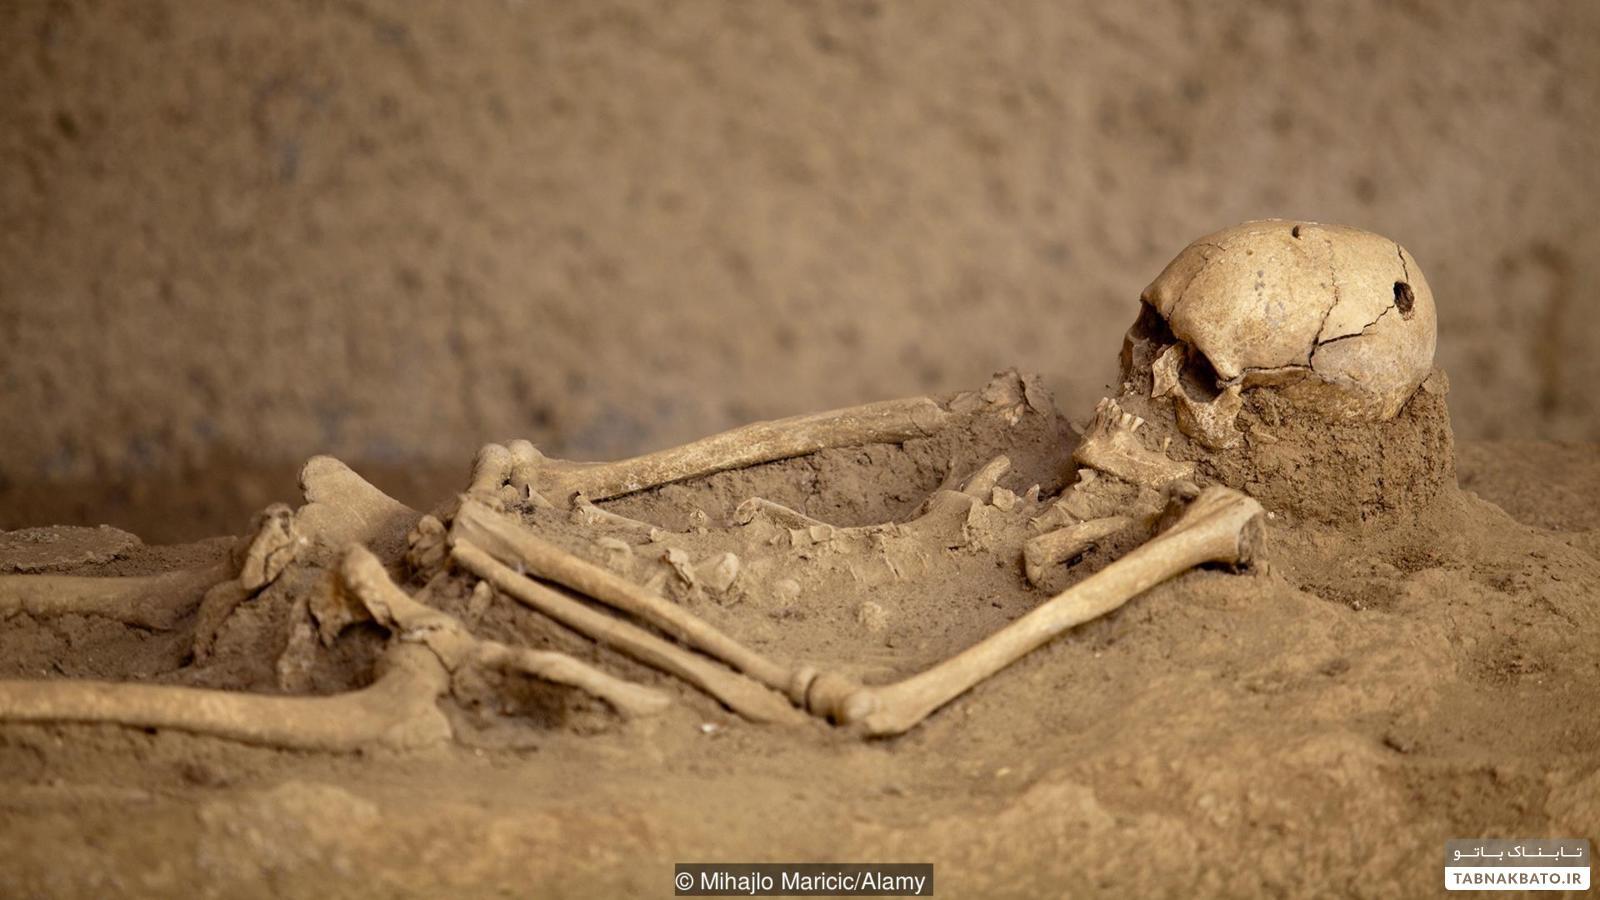 چرا انسانهای باستان جمجمه را سوراخ میکردند؟